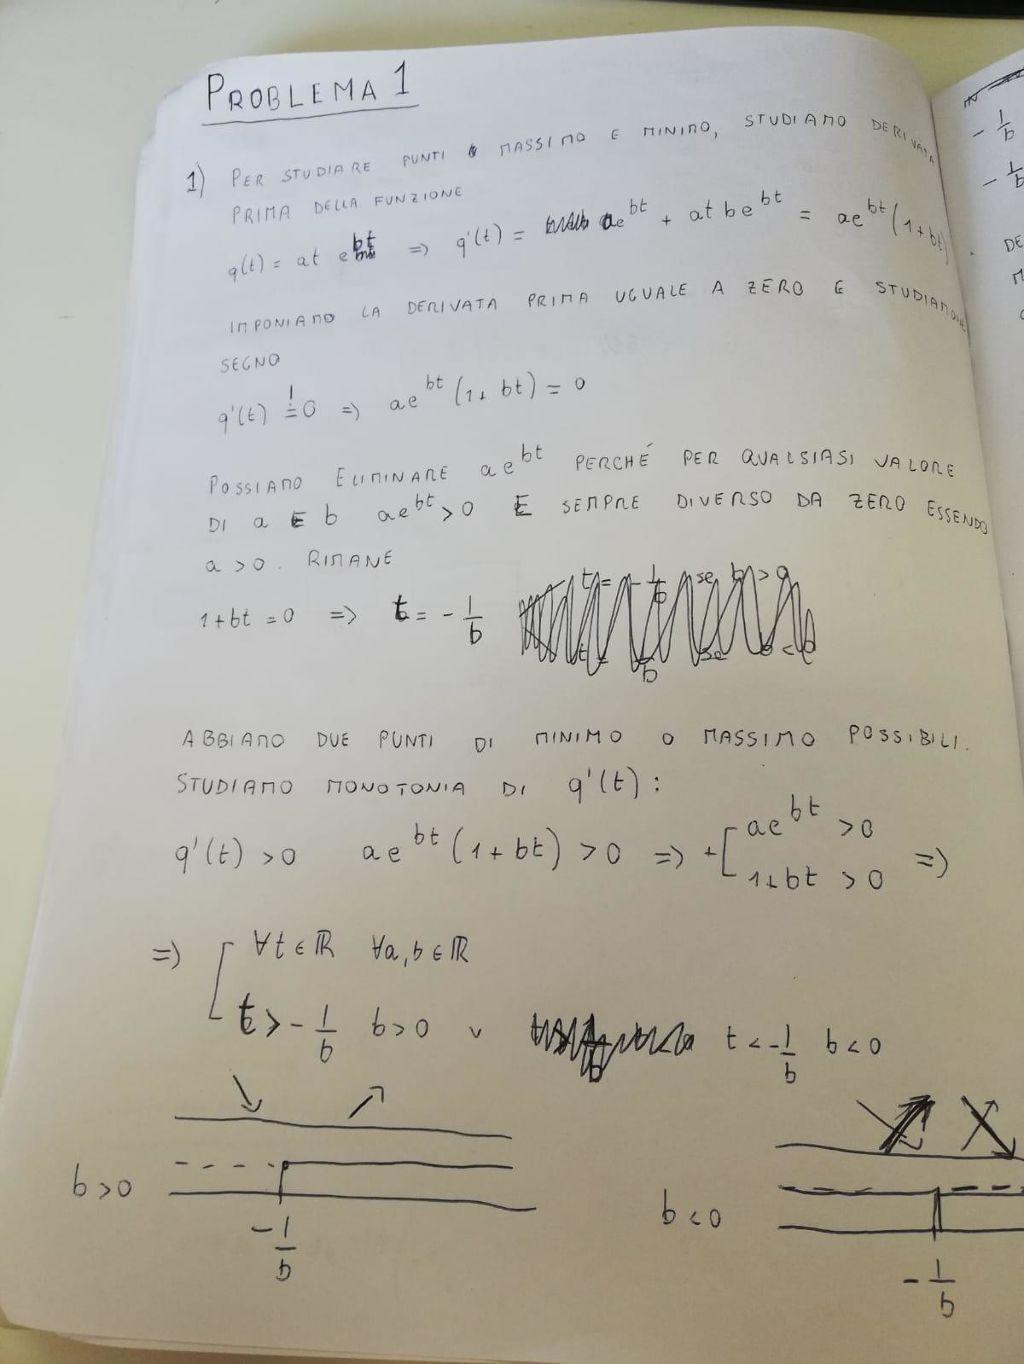 problema 1 scientifico